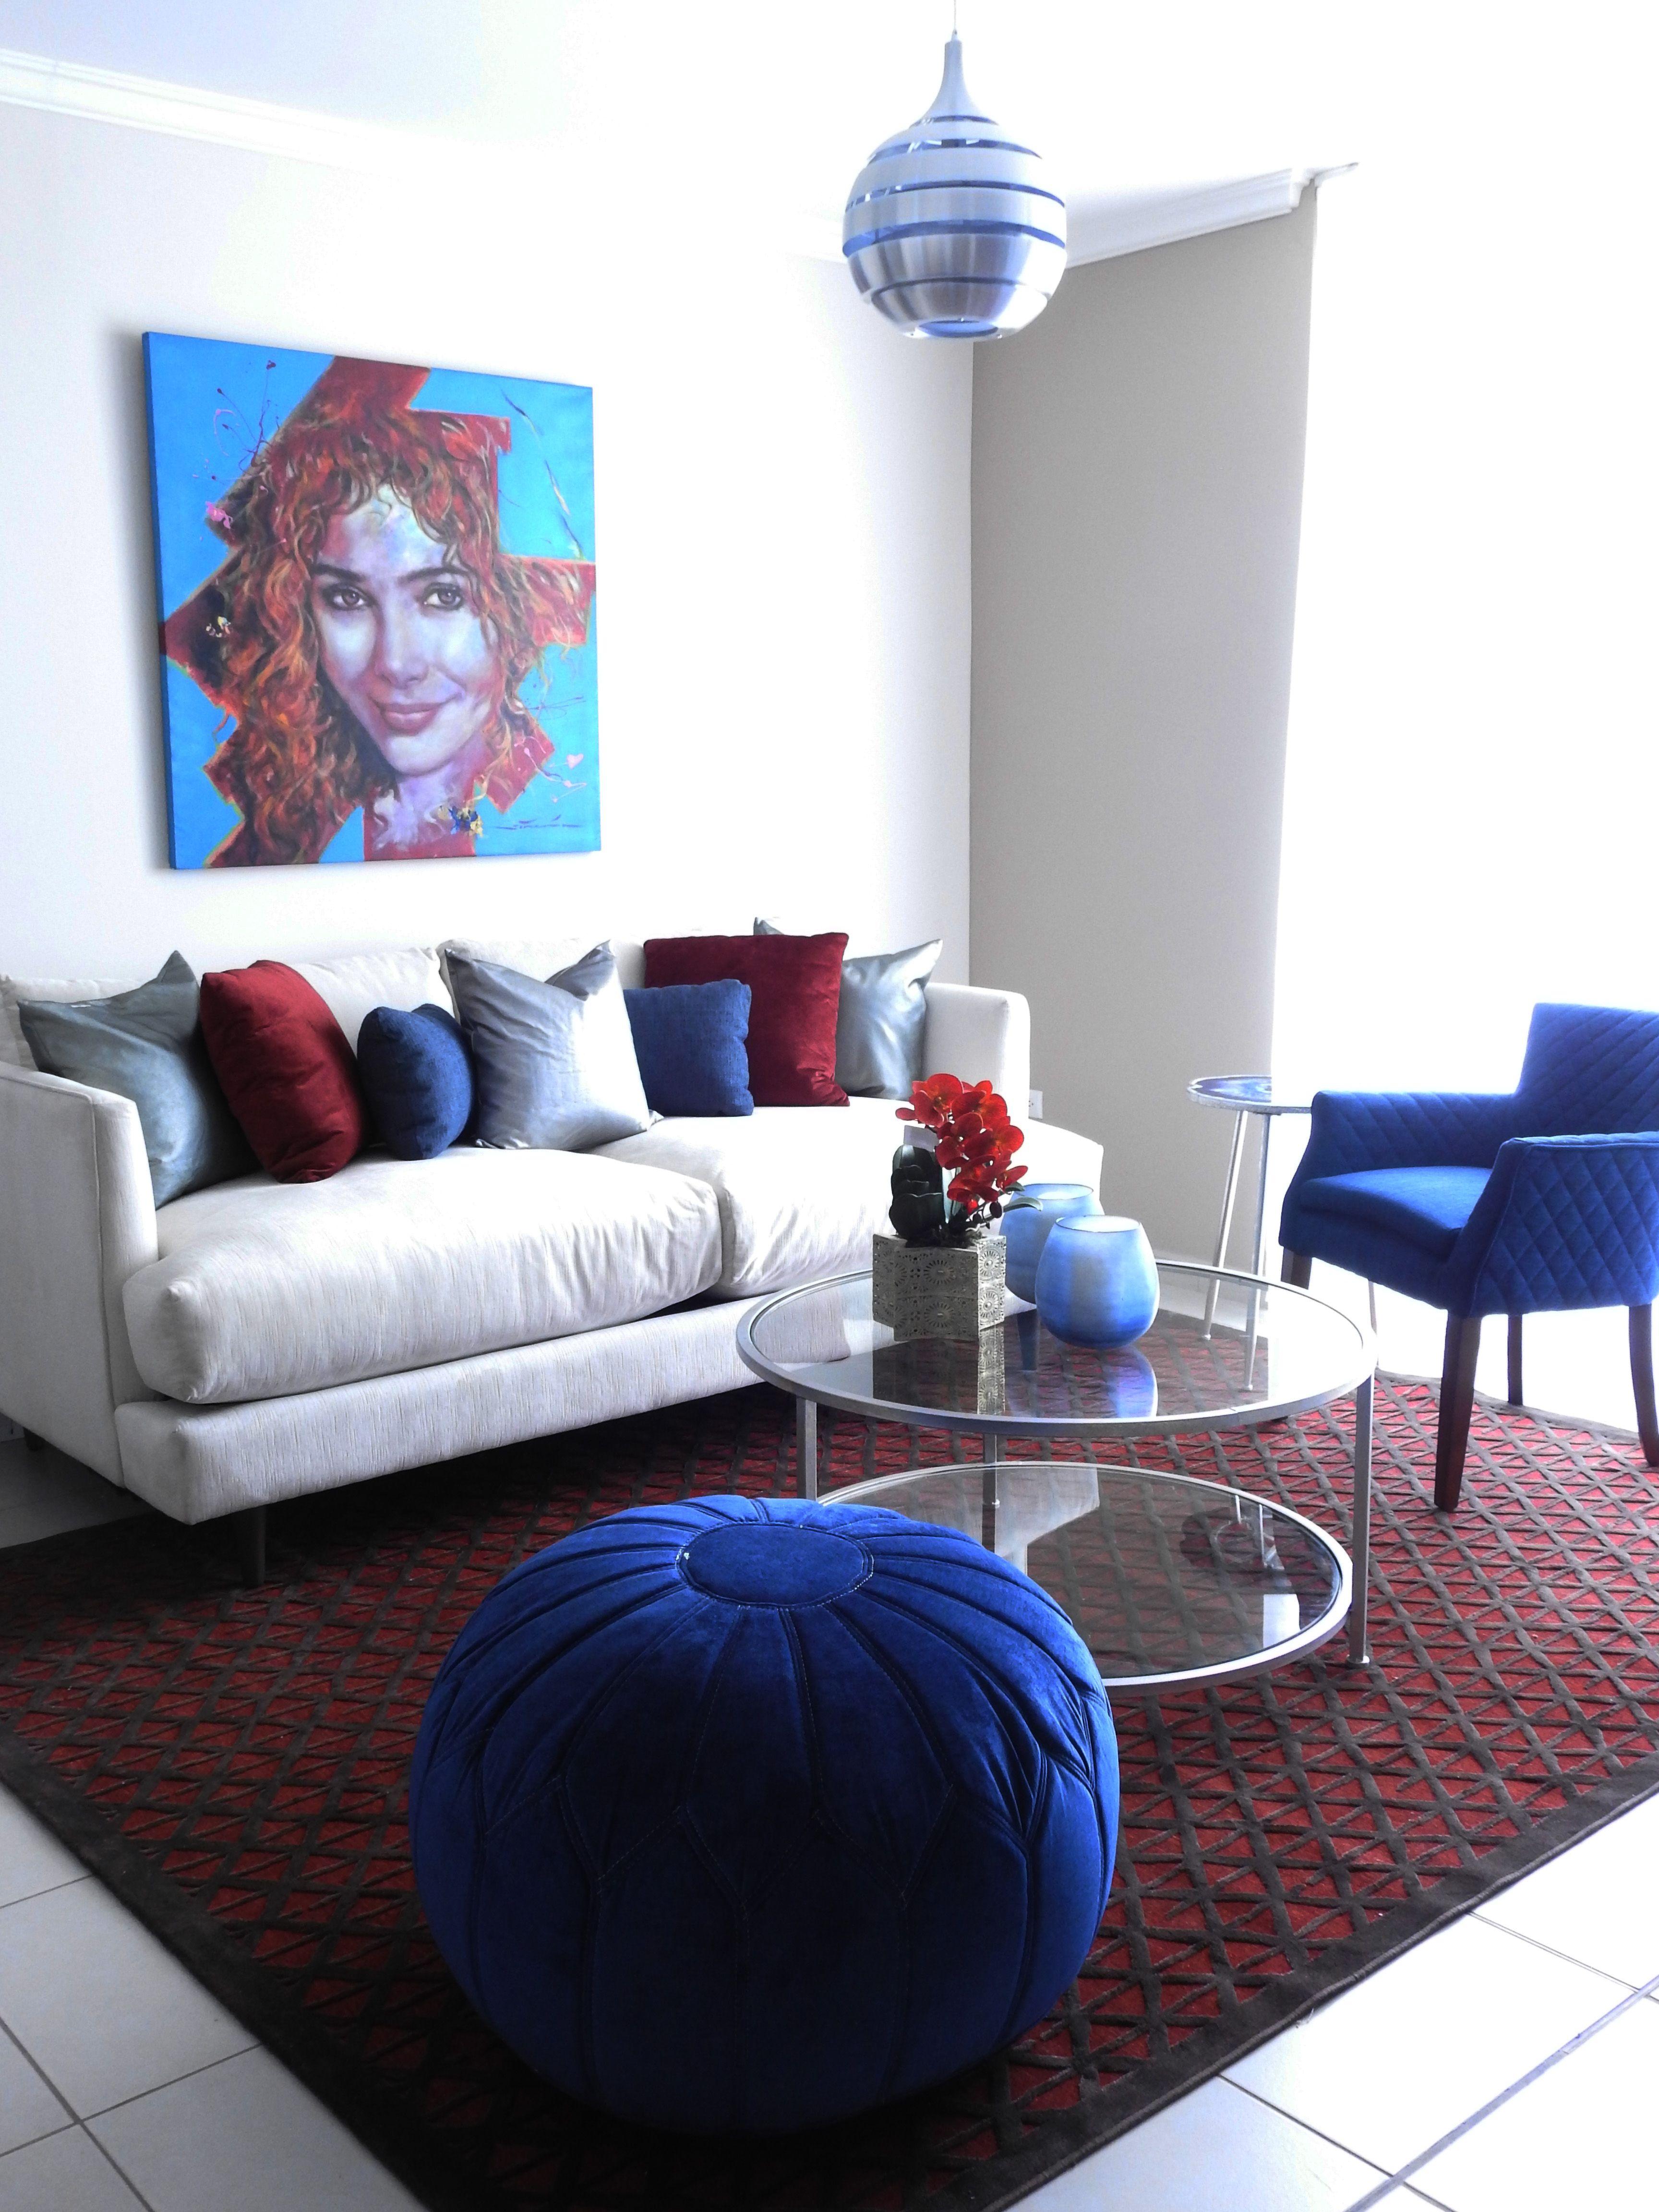 Decoracion De Hogar Con Color Rojo Y Azul Home Decor With Red And